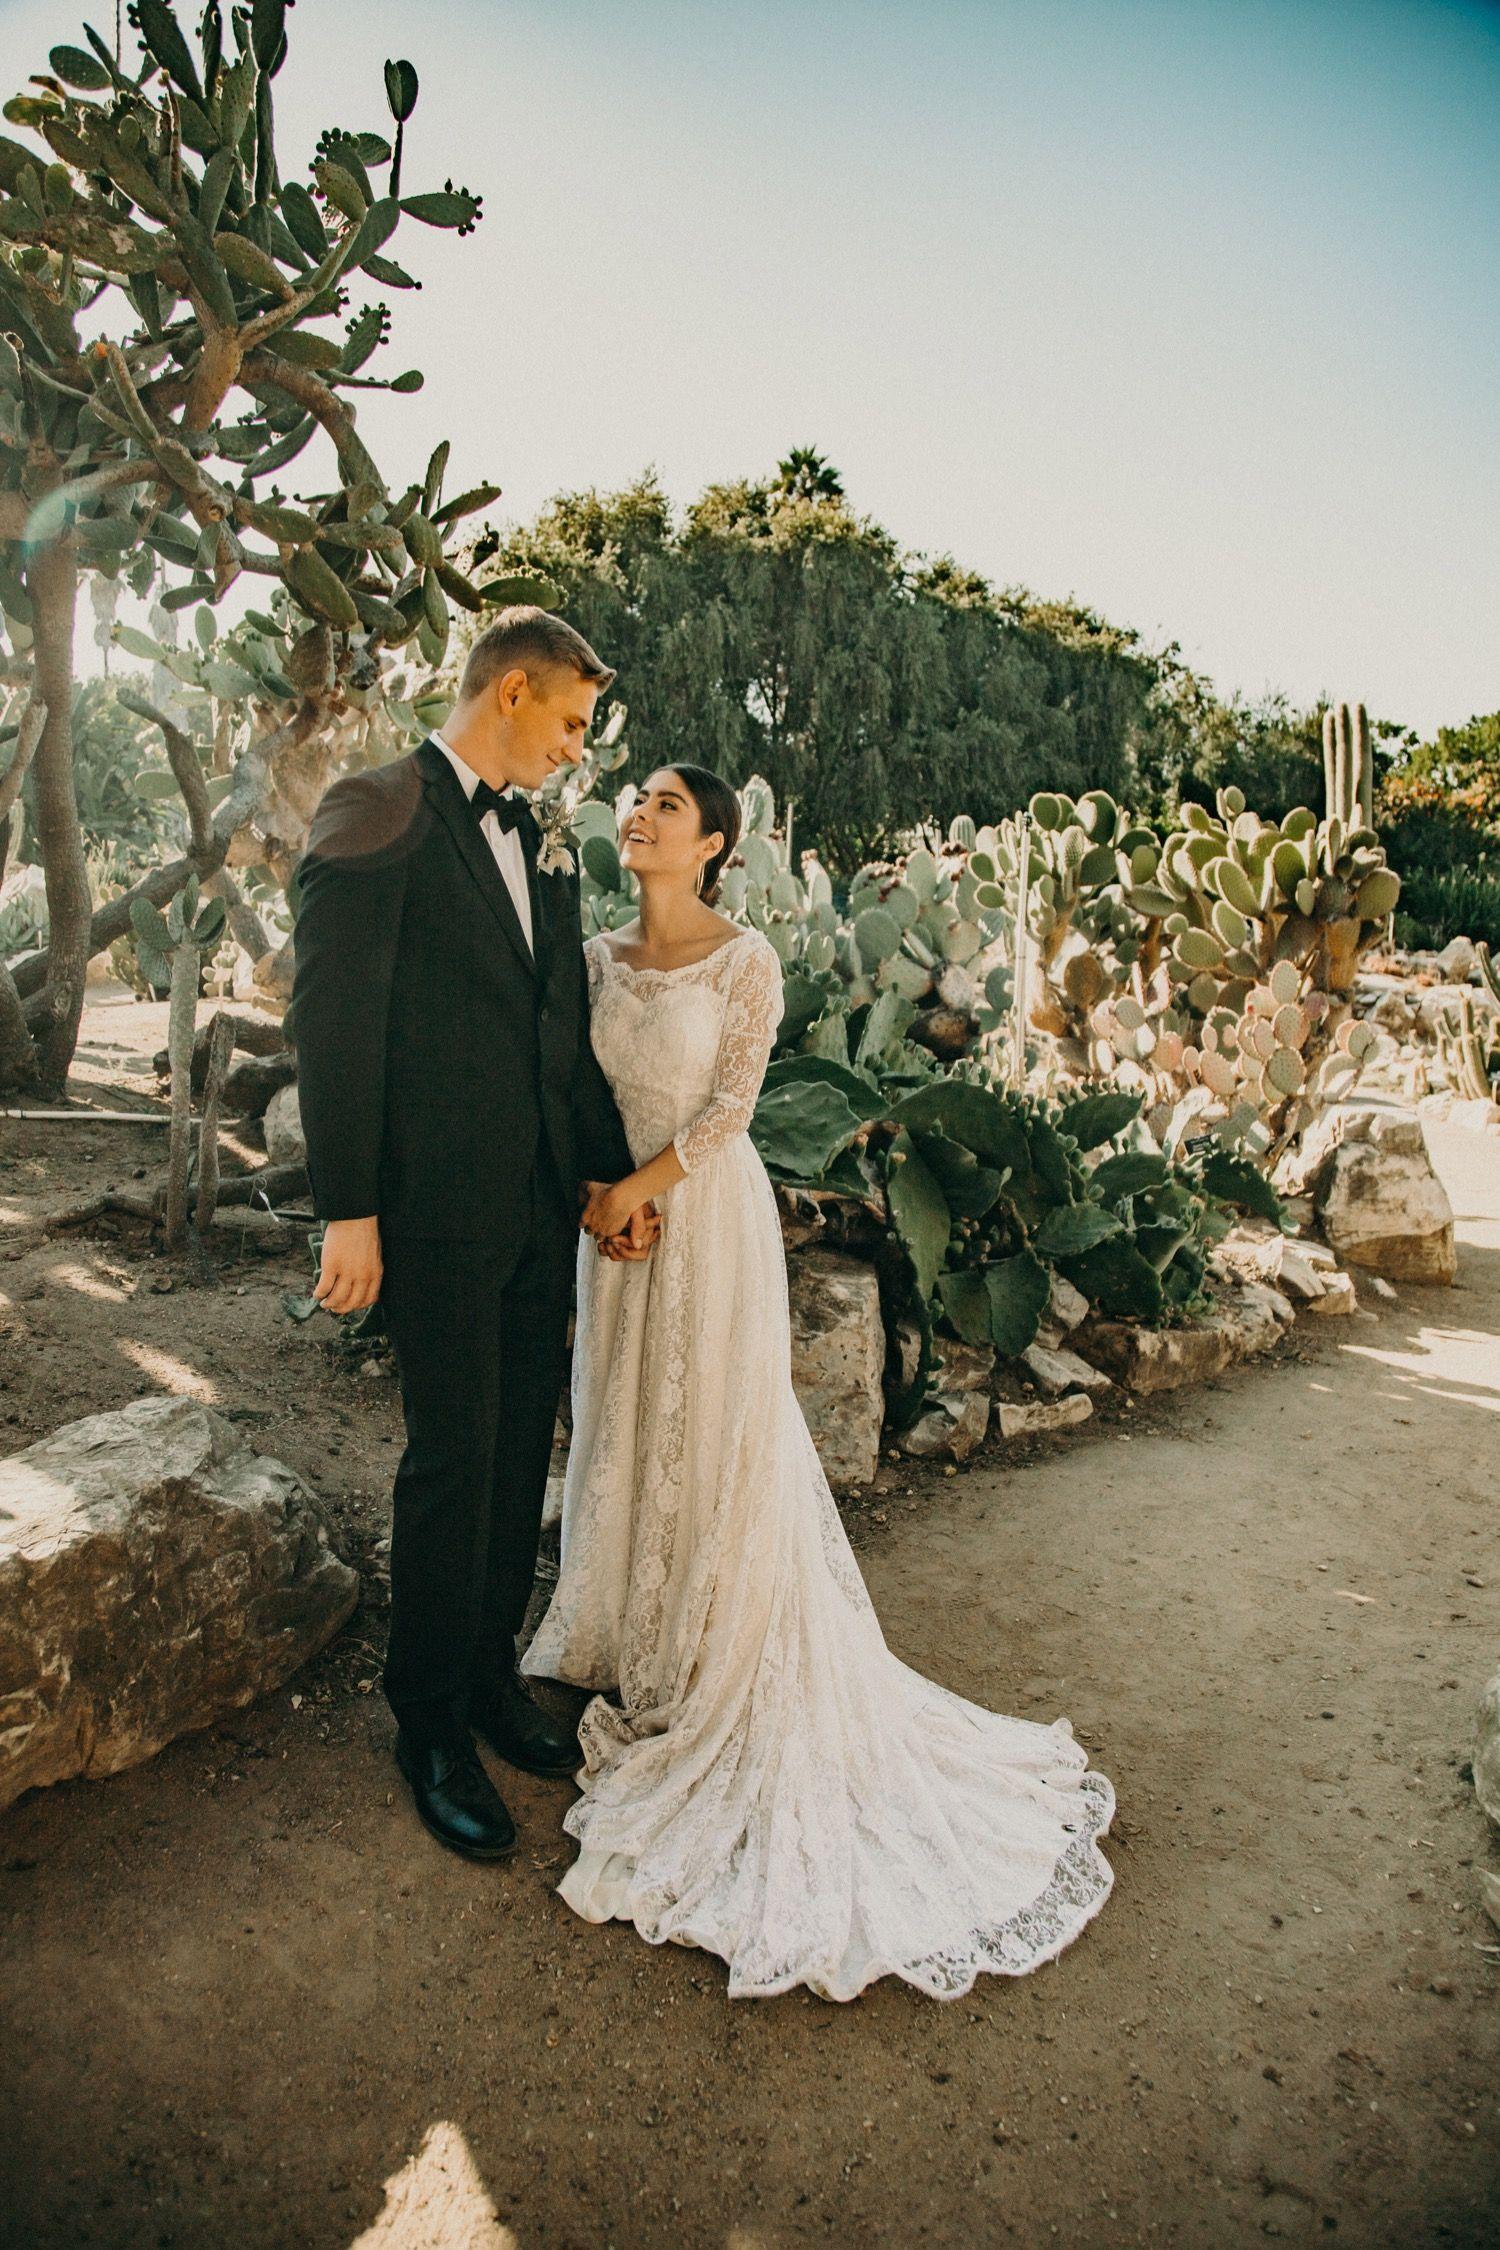 ERICA + CAMERON Botanical wedding, South coast botanic